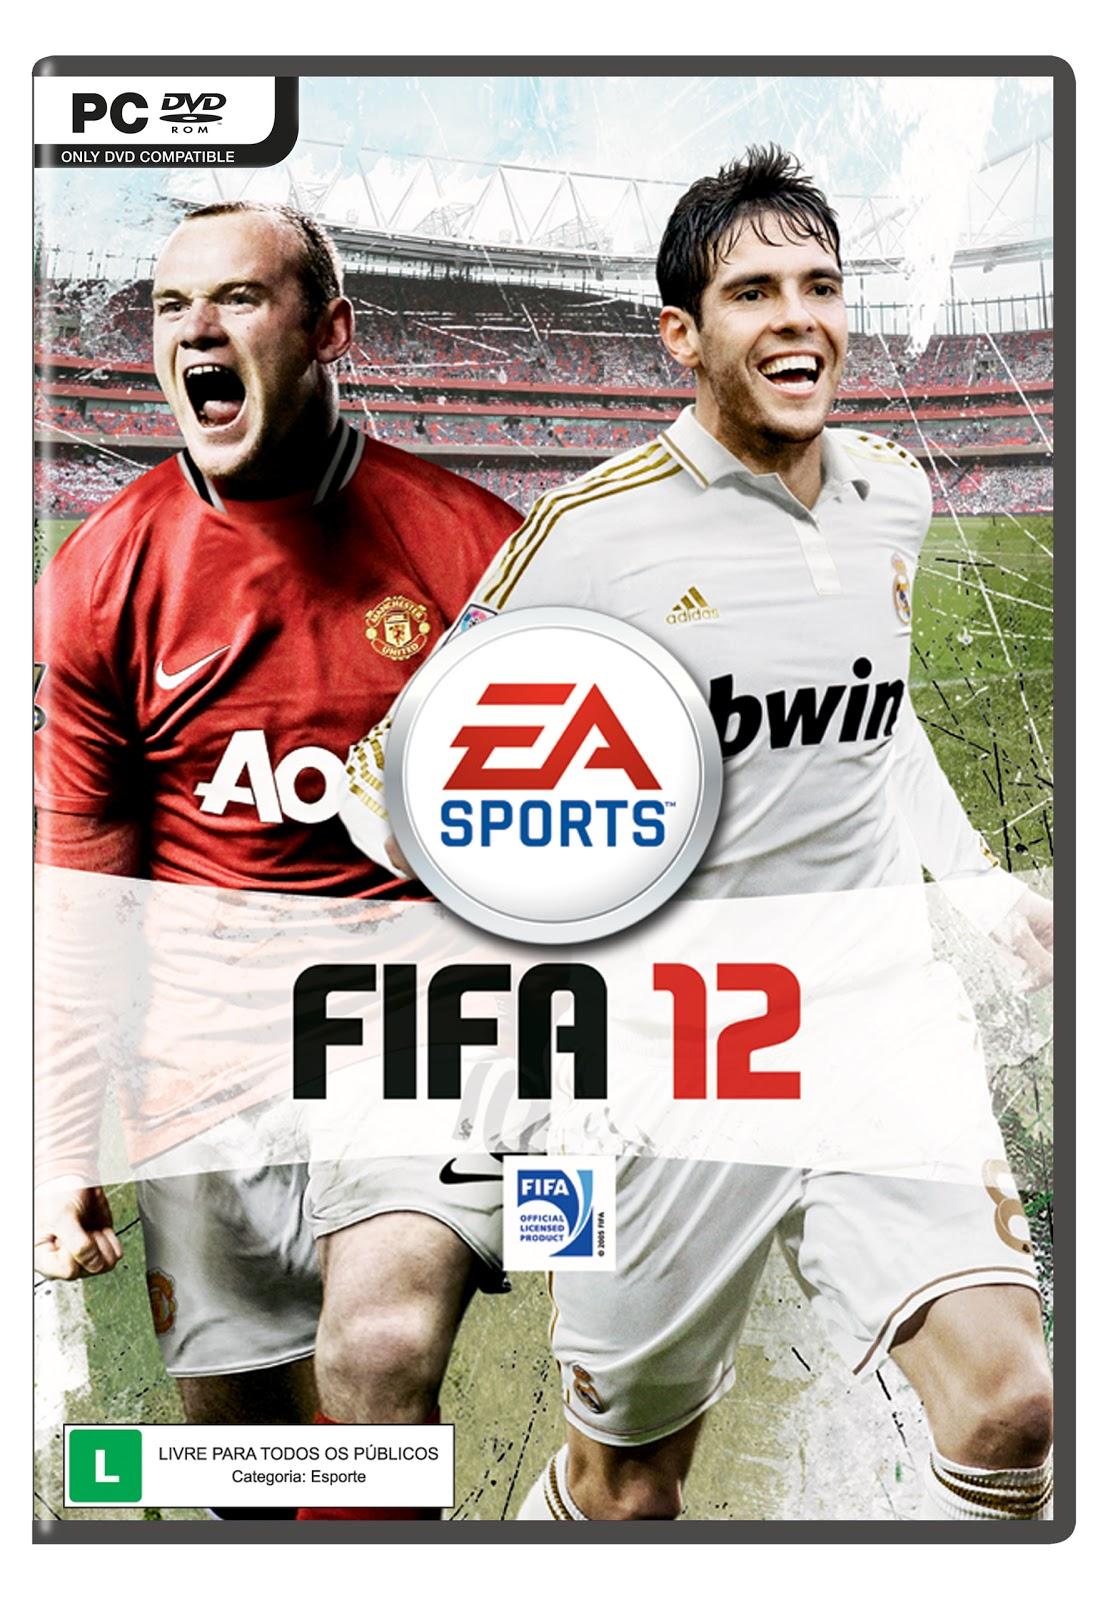 http://2.bp.blogspot.com/-gSm1BL4h0EI/TosJw0HytxI/AAAAAAAABvc/snlGupzYK3M/s1600/Fifa-12-PC.jpg